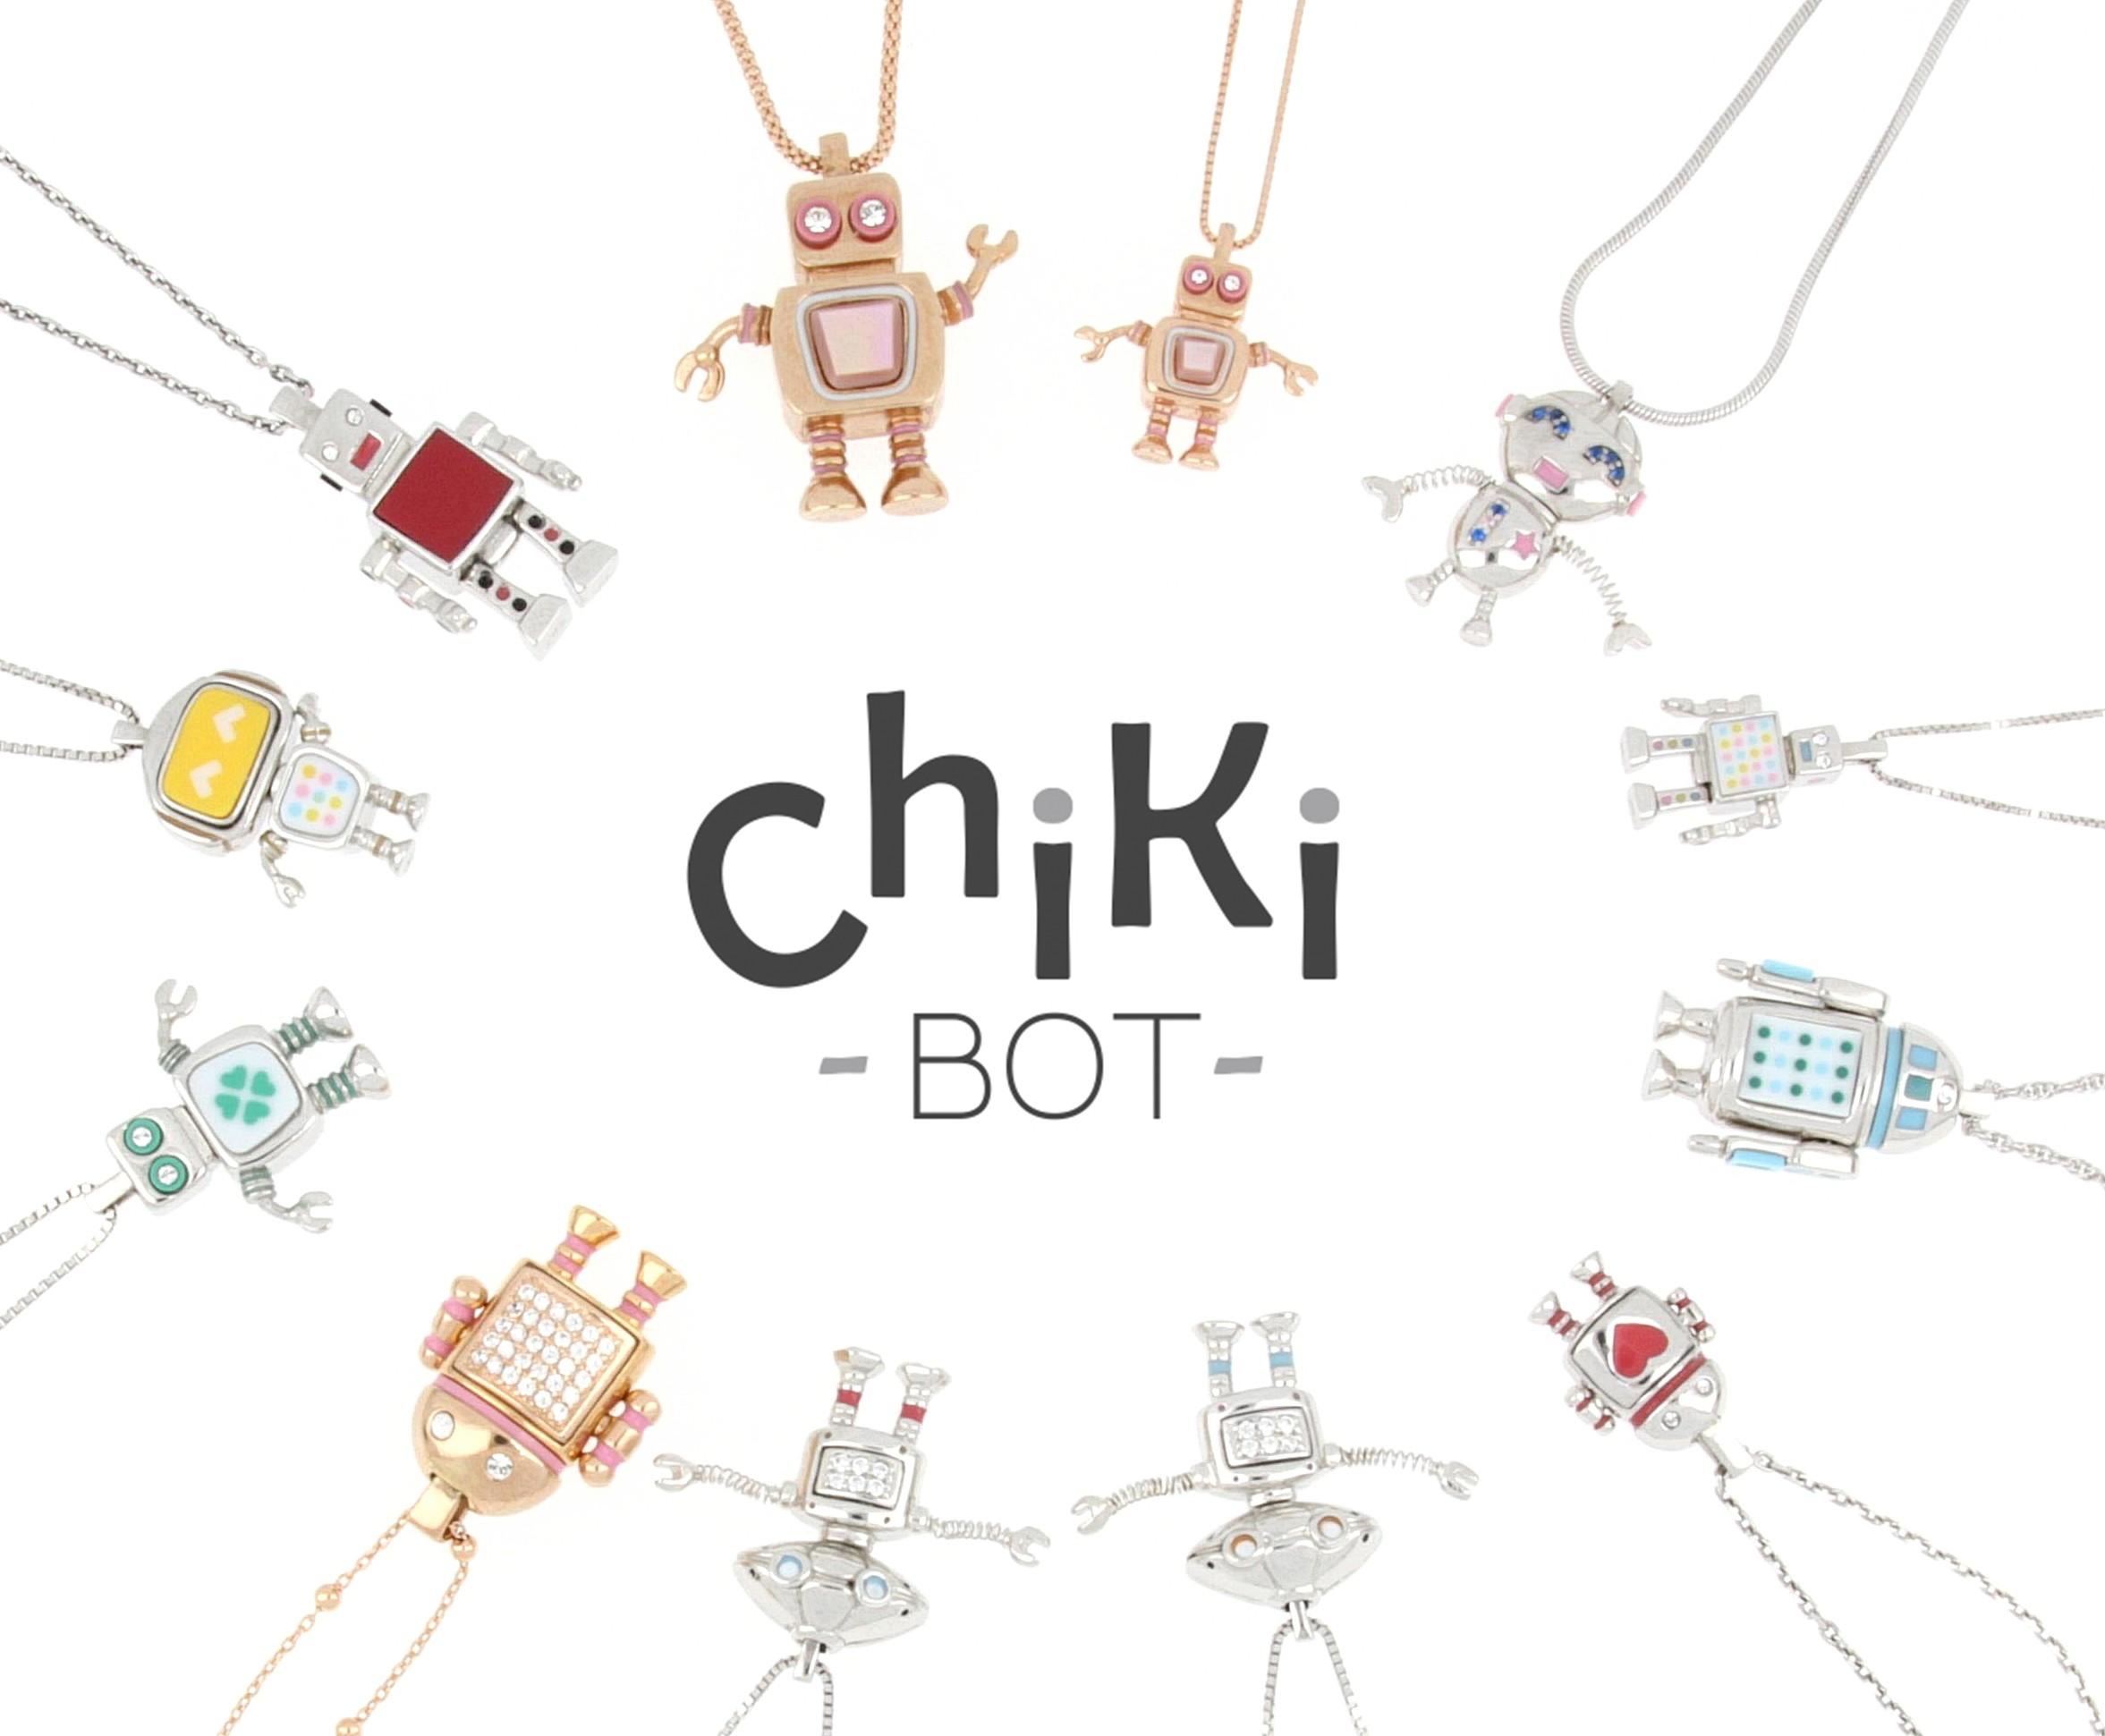 Chikibot - Les bijoux Robots qui se portent selon vos envies !